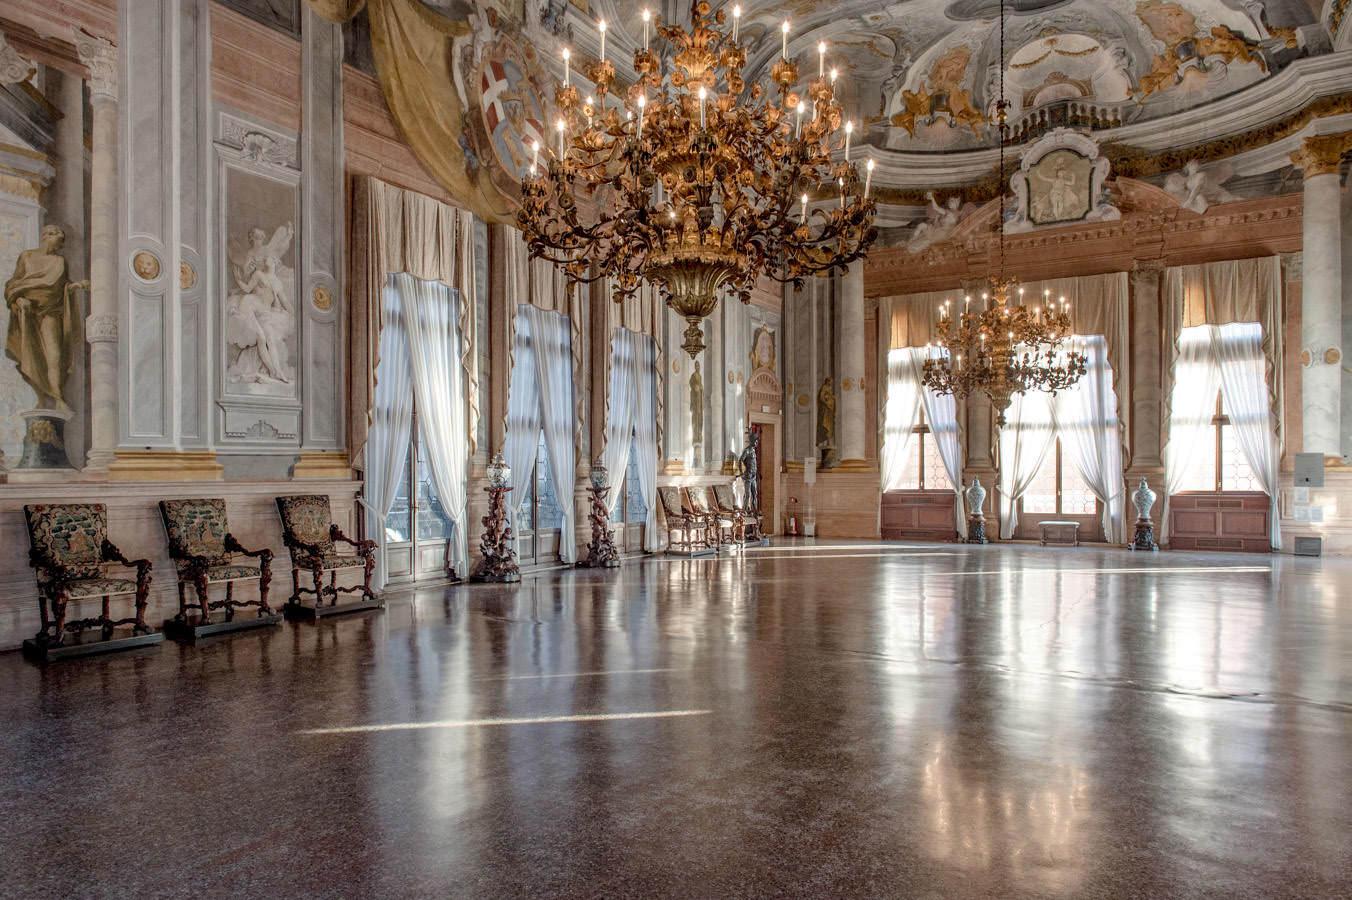 The magnificent ballroom in Ca' Rezzonico